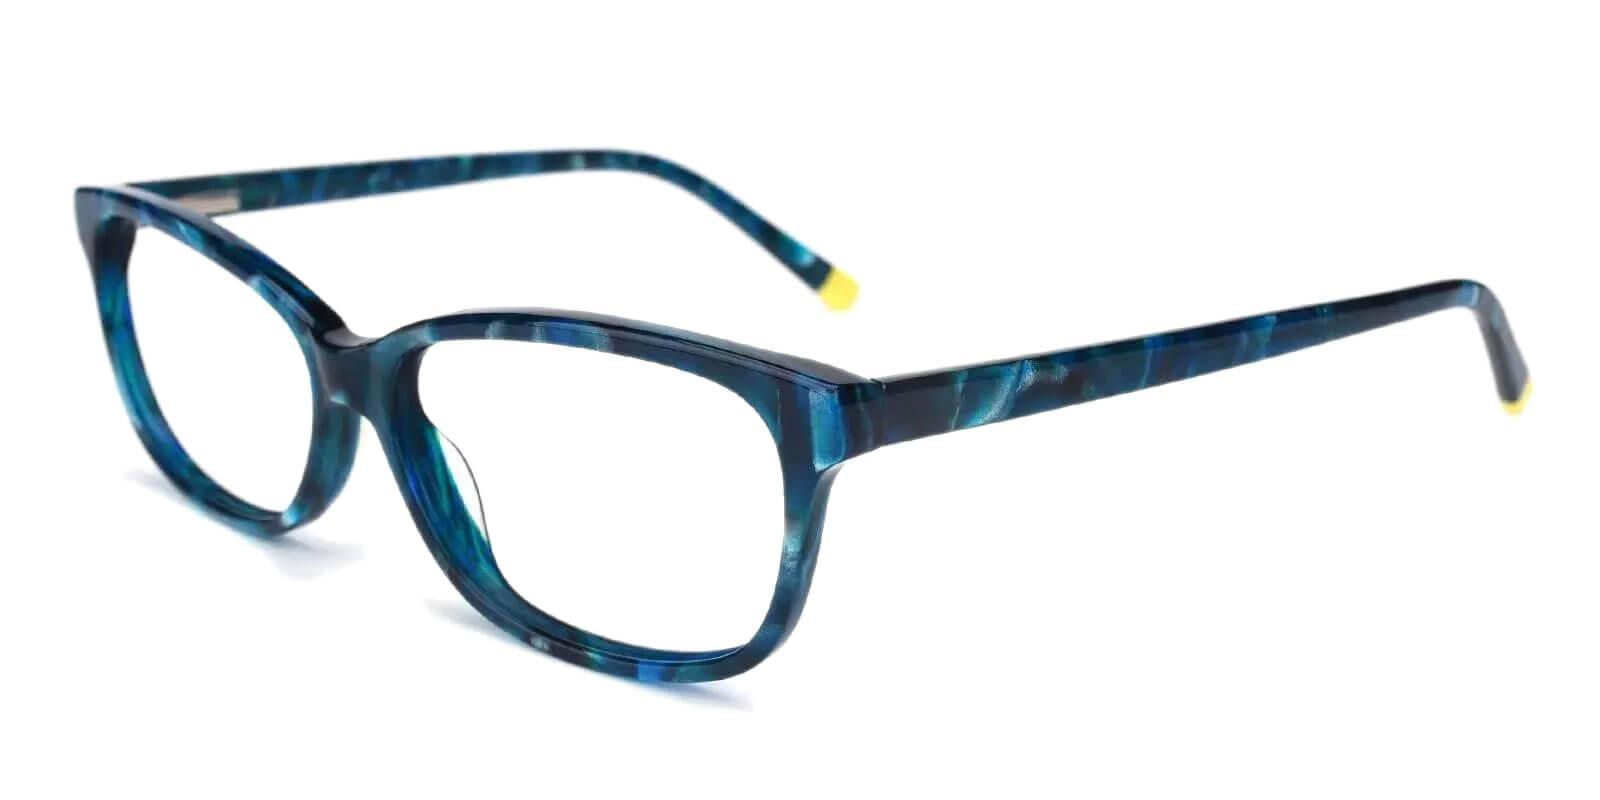 Levant Blue Acetate Eyeglasses , SpringHinges , UniversalBridgeFit Frames from ABBE Glasses